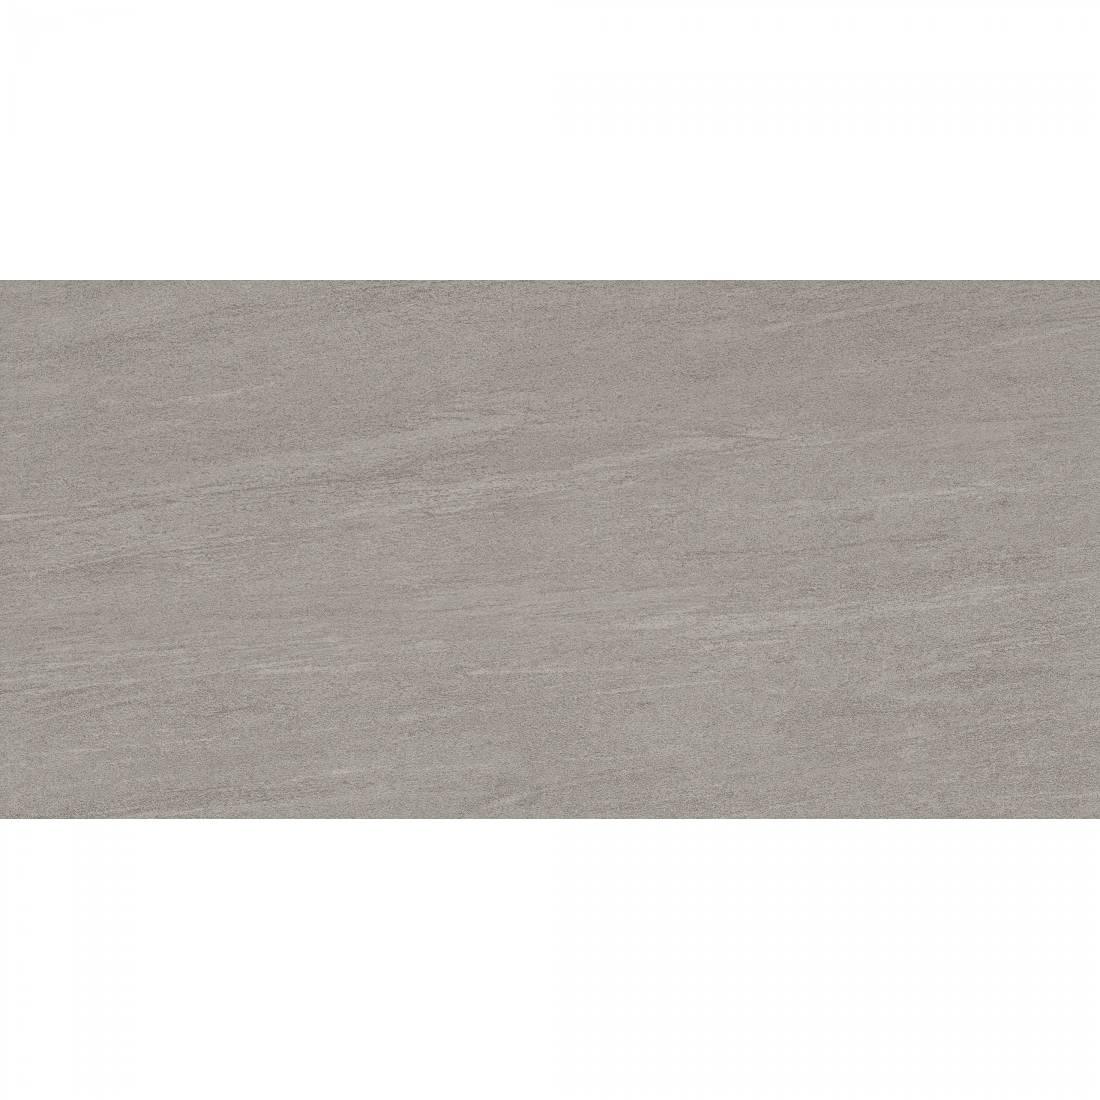 Mineral 30x60 Grey Matt 1